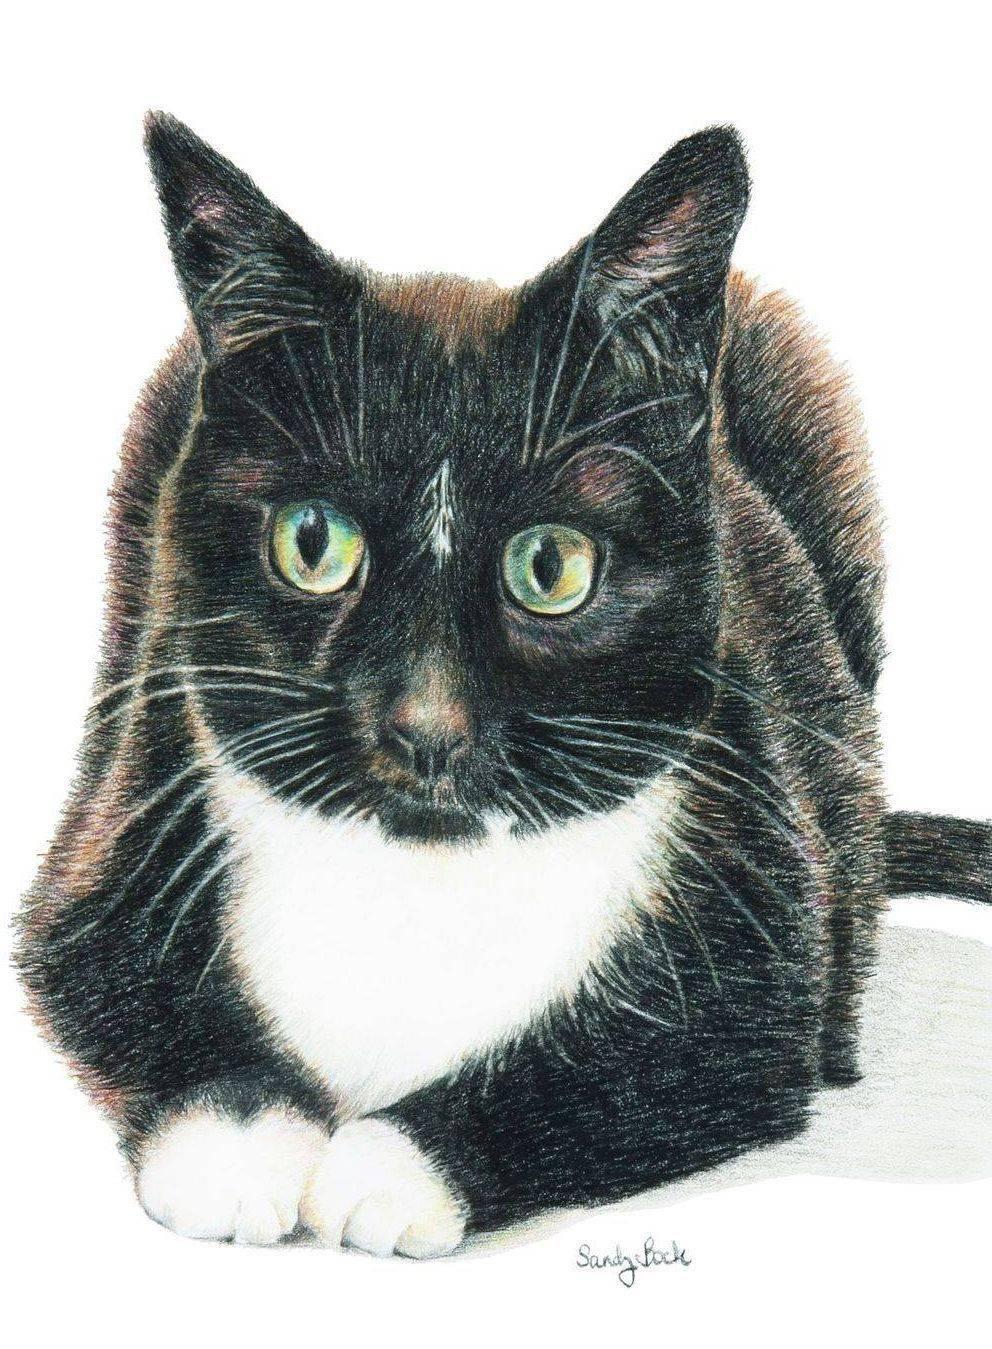 cat, cat portrait, pet, pet portrait, art, sandy bock